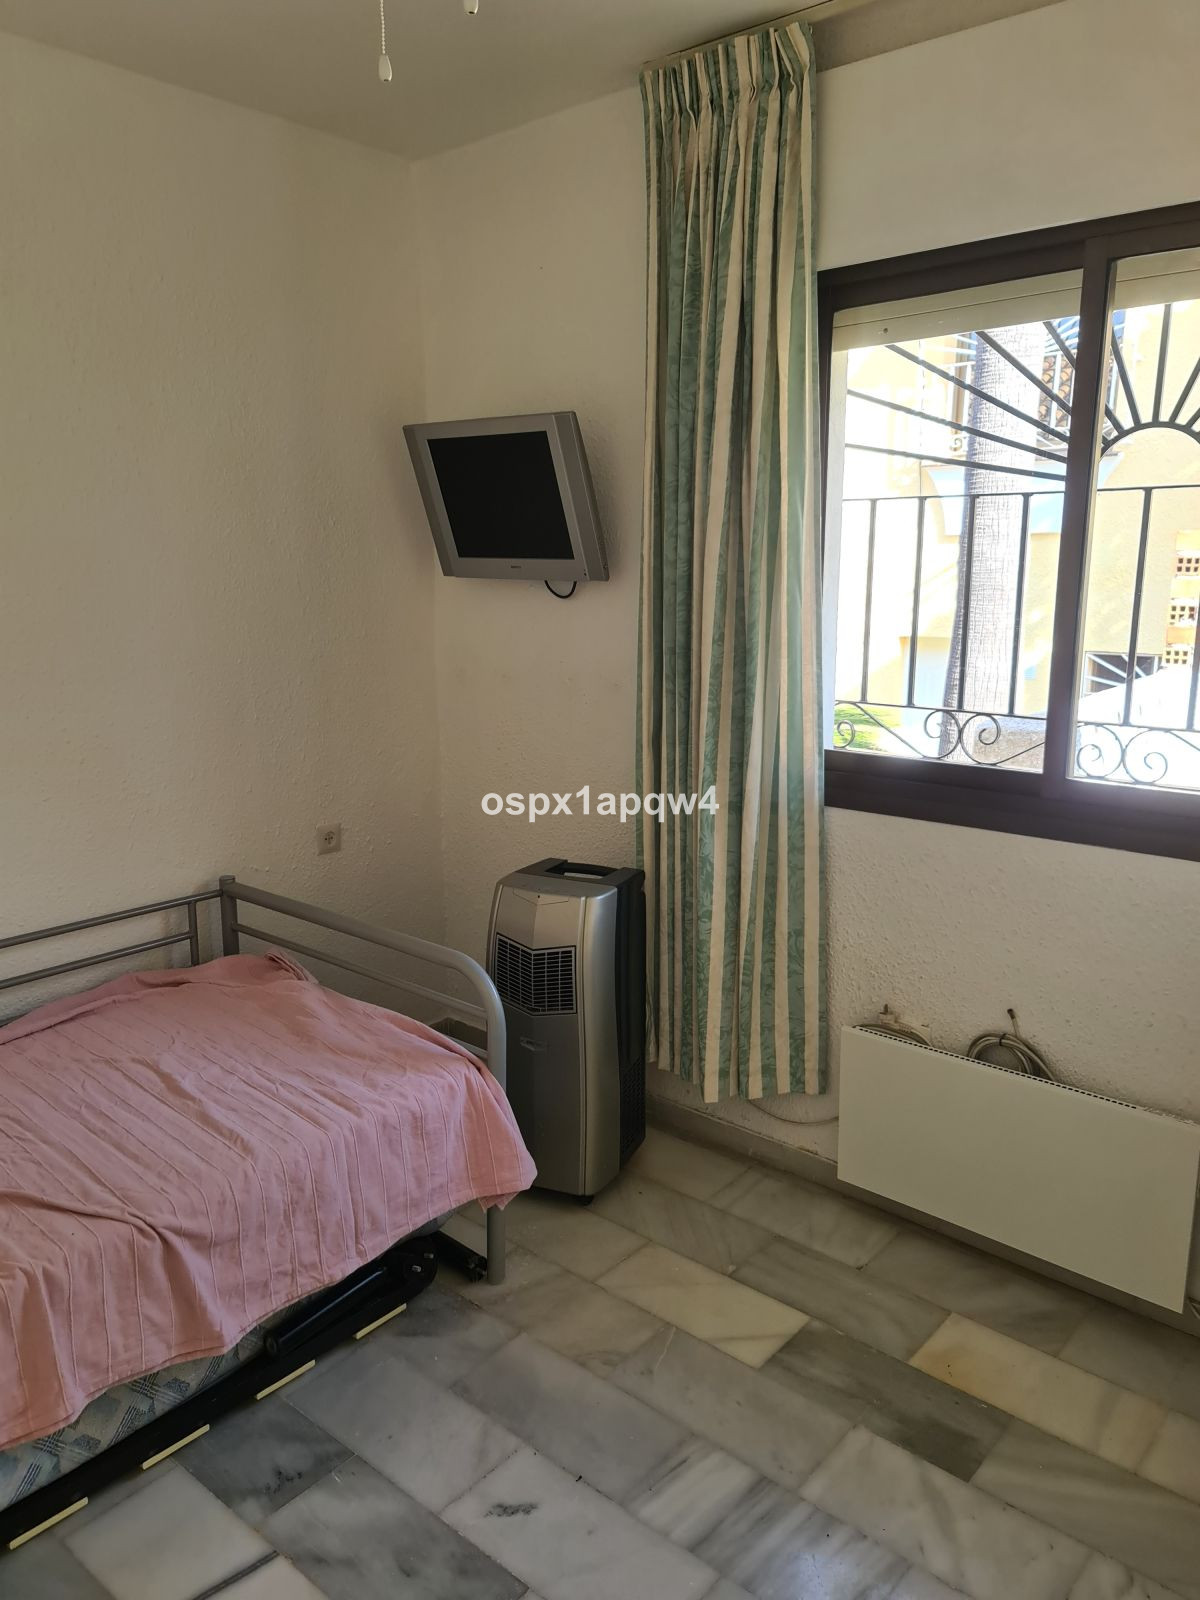 Unifamiliar con 5 Dormitorios en Venta Benalmadena